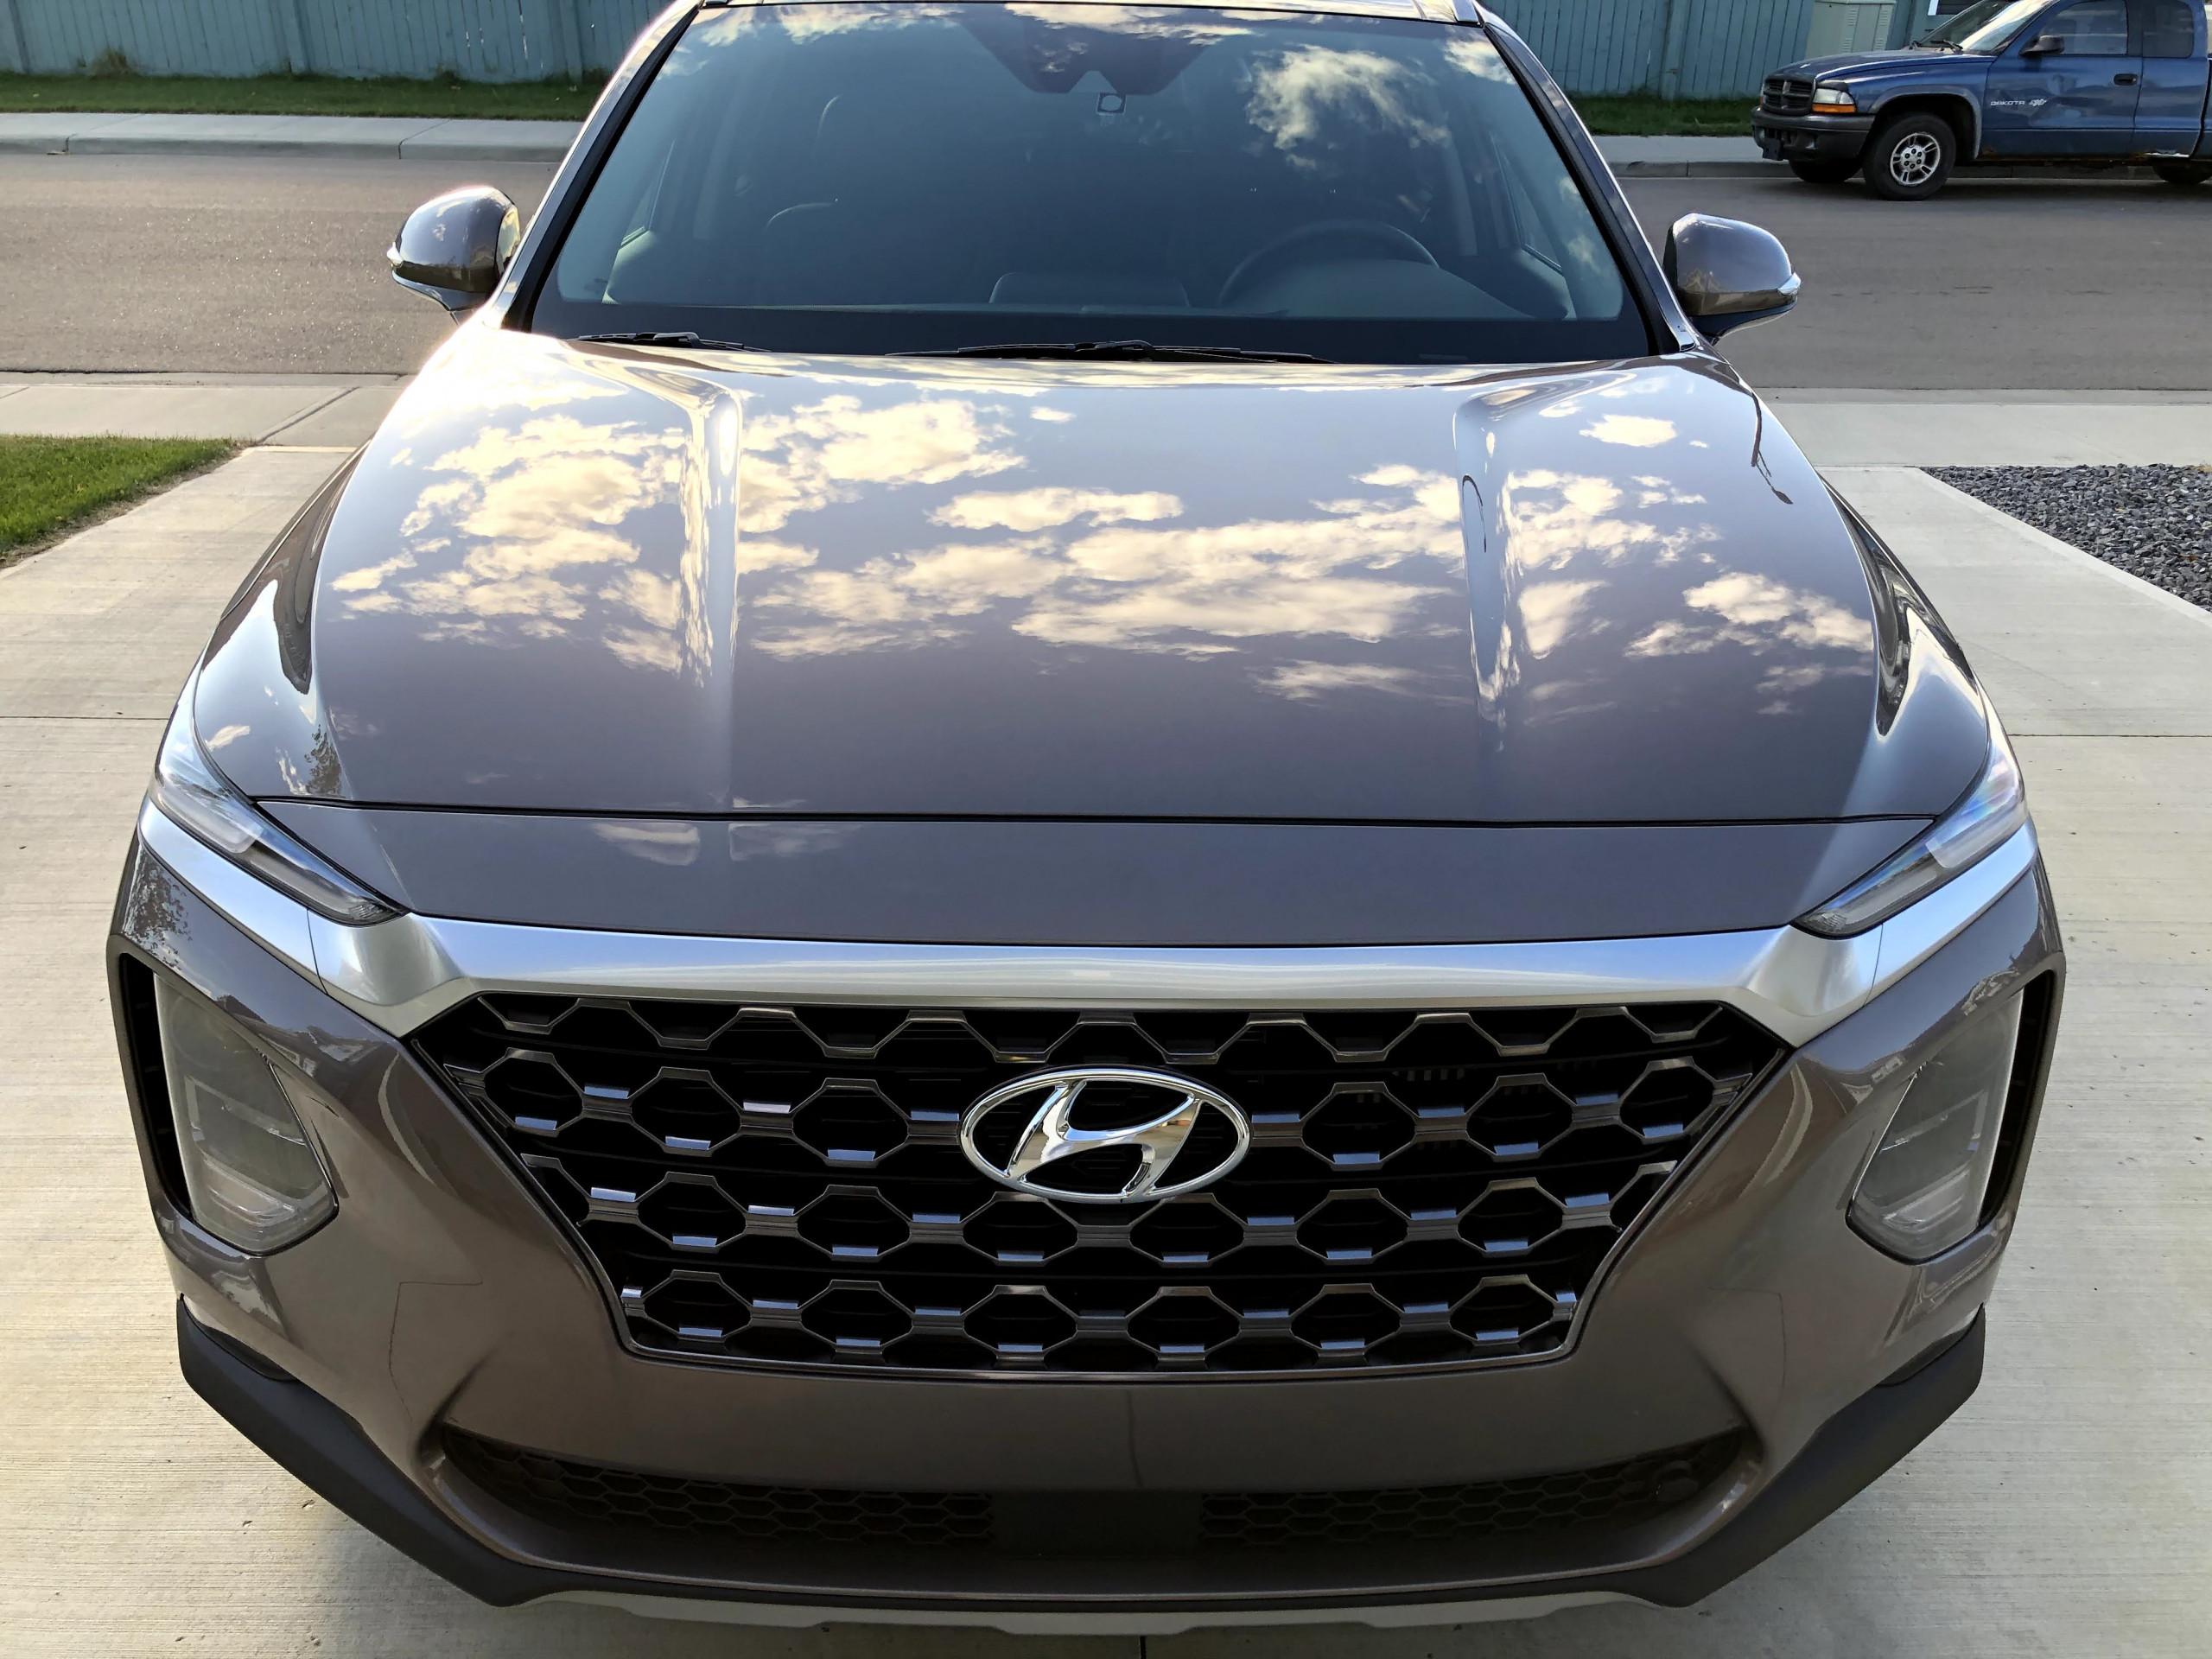 2020 Hyundai Santa Fe Enhancement Detail